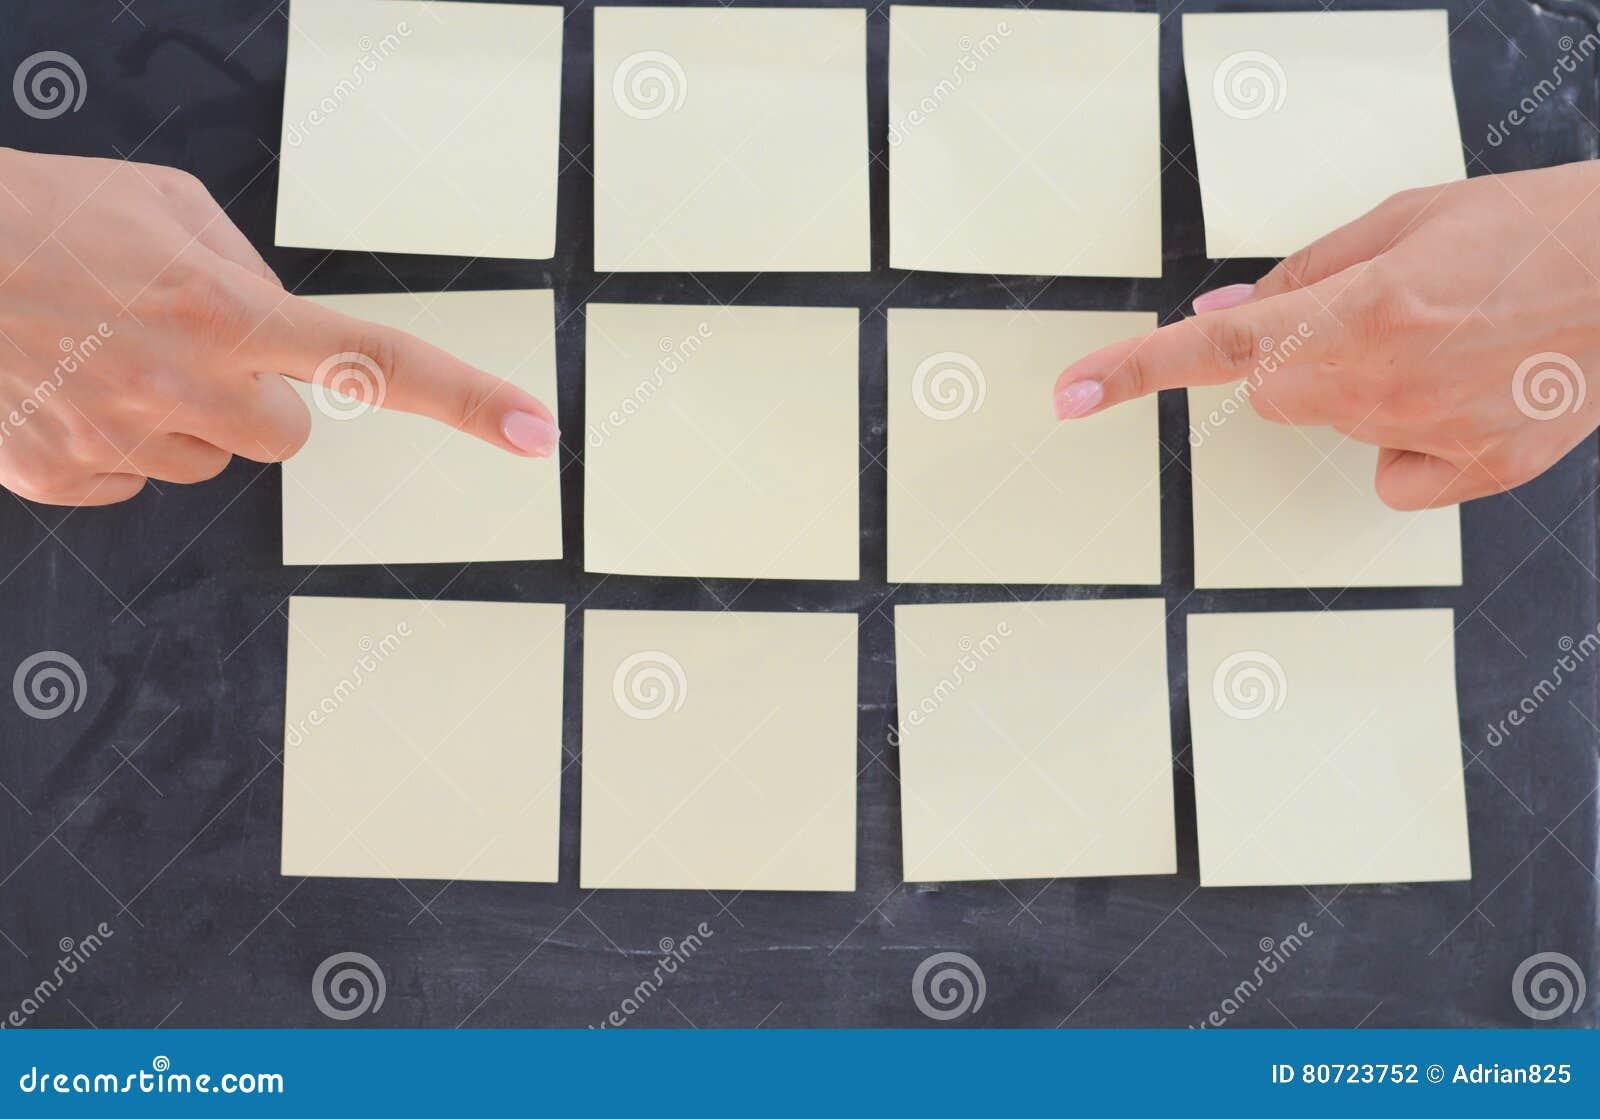 La donna passa l invio delle note adesive vuote sulla lavagna